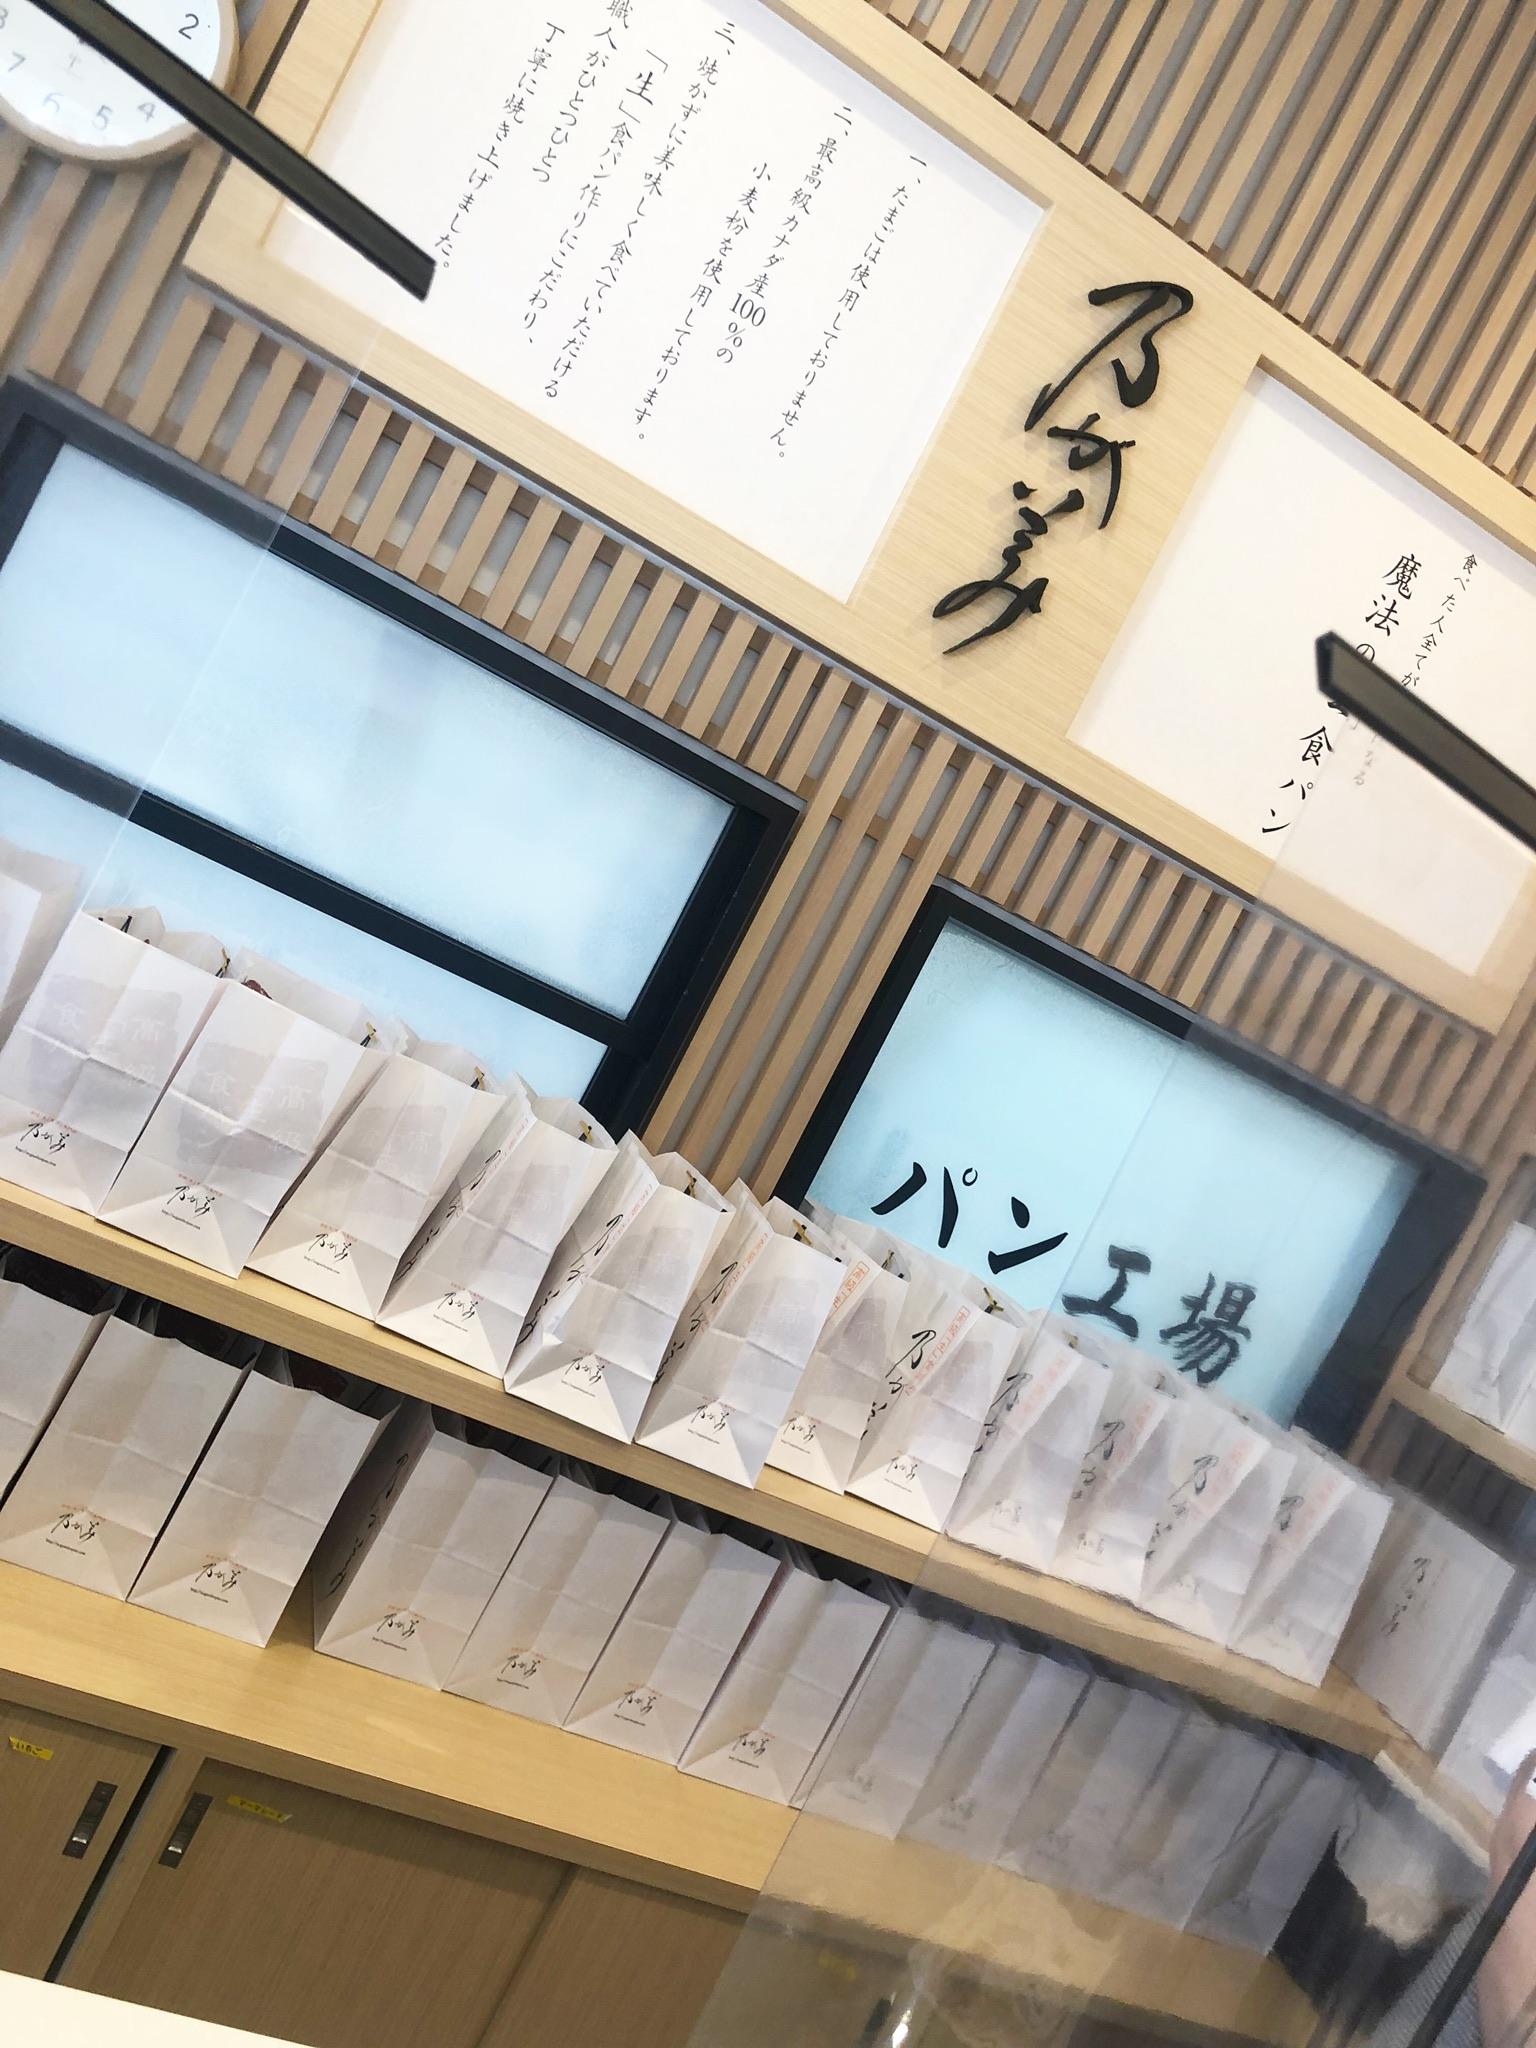 【官公庁OLが選ぶプチ手土産】3年連続日本No.1♡高級食パンでリッチなおうち時間୨୧_5